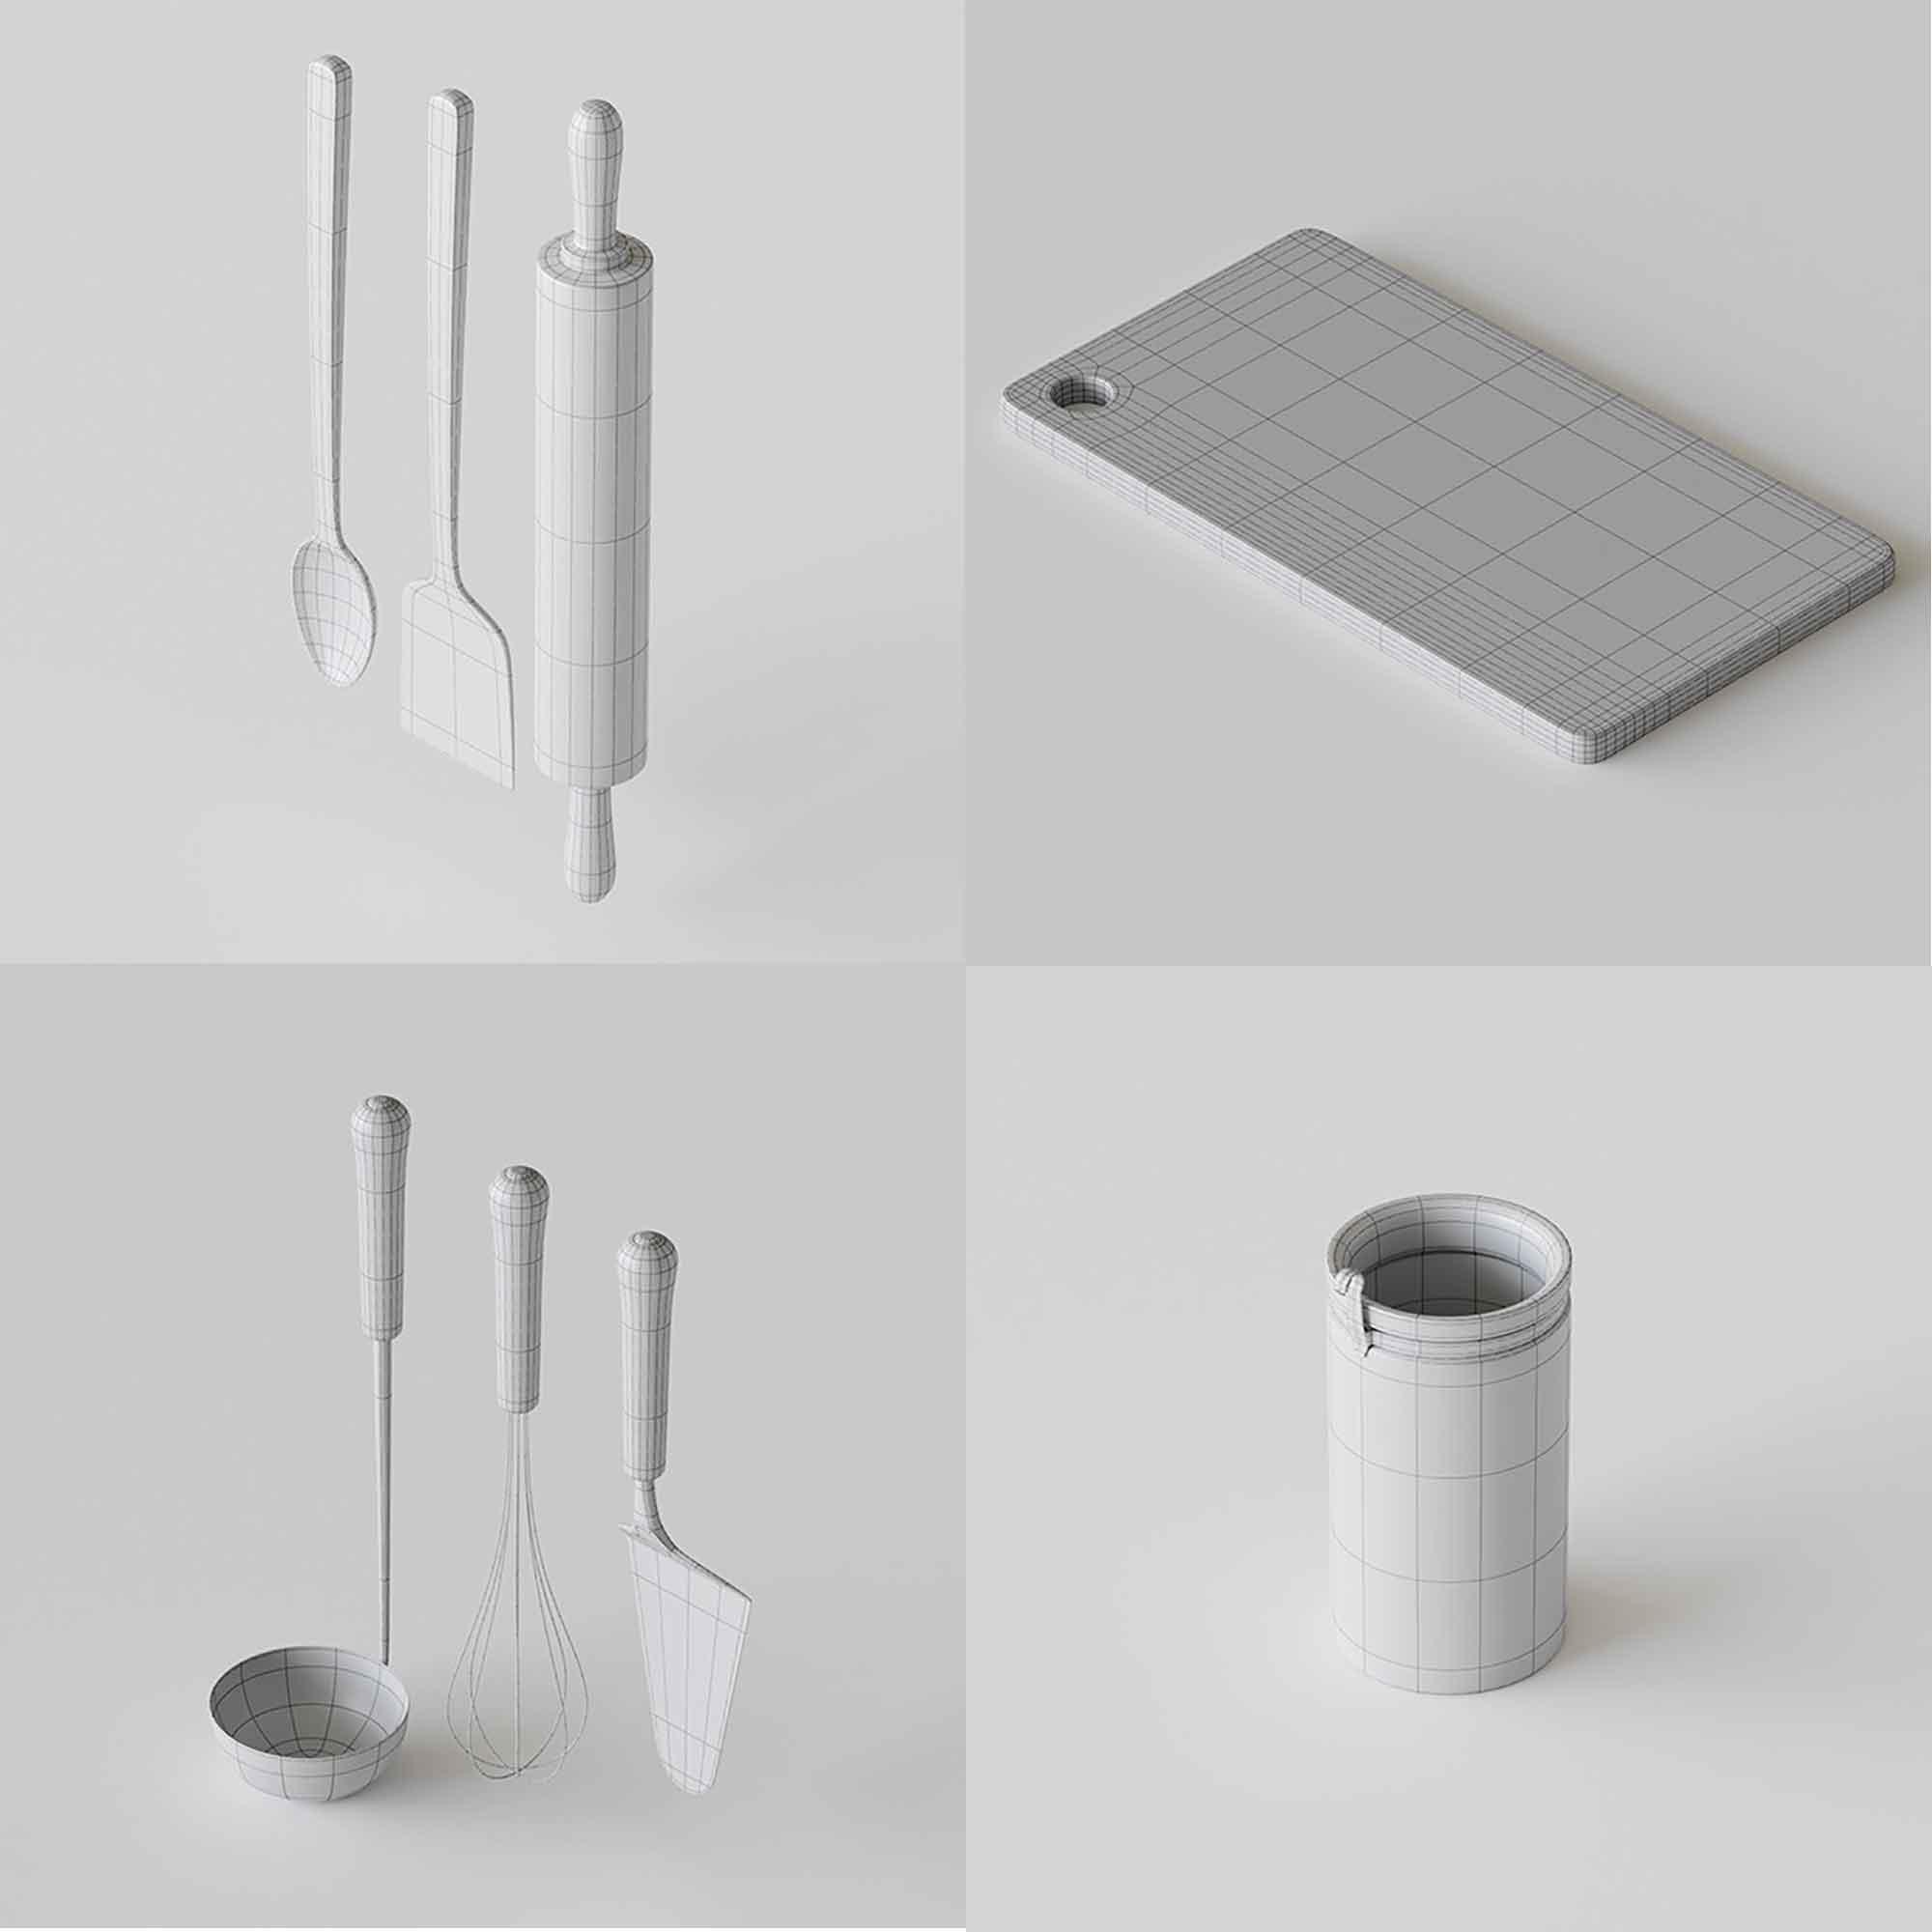 Kitchenware 3D Models 3